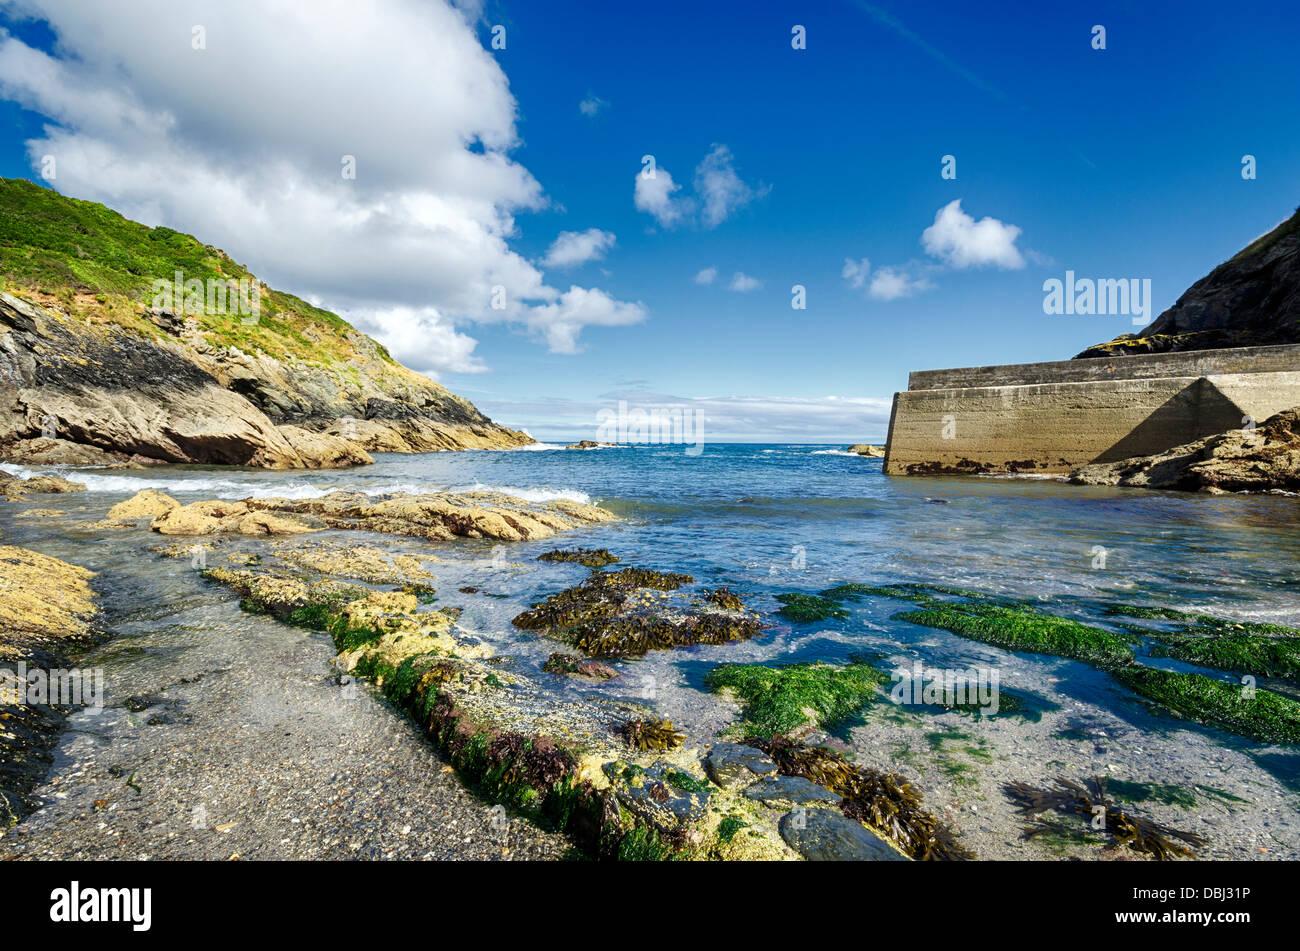 Spiaggia rocciosa a Portloe sulla costa meridionale della Cornovaglia Immagini Stock